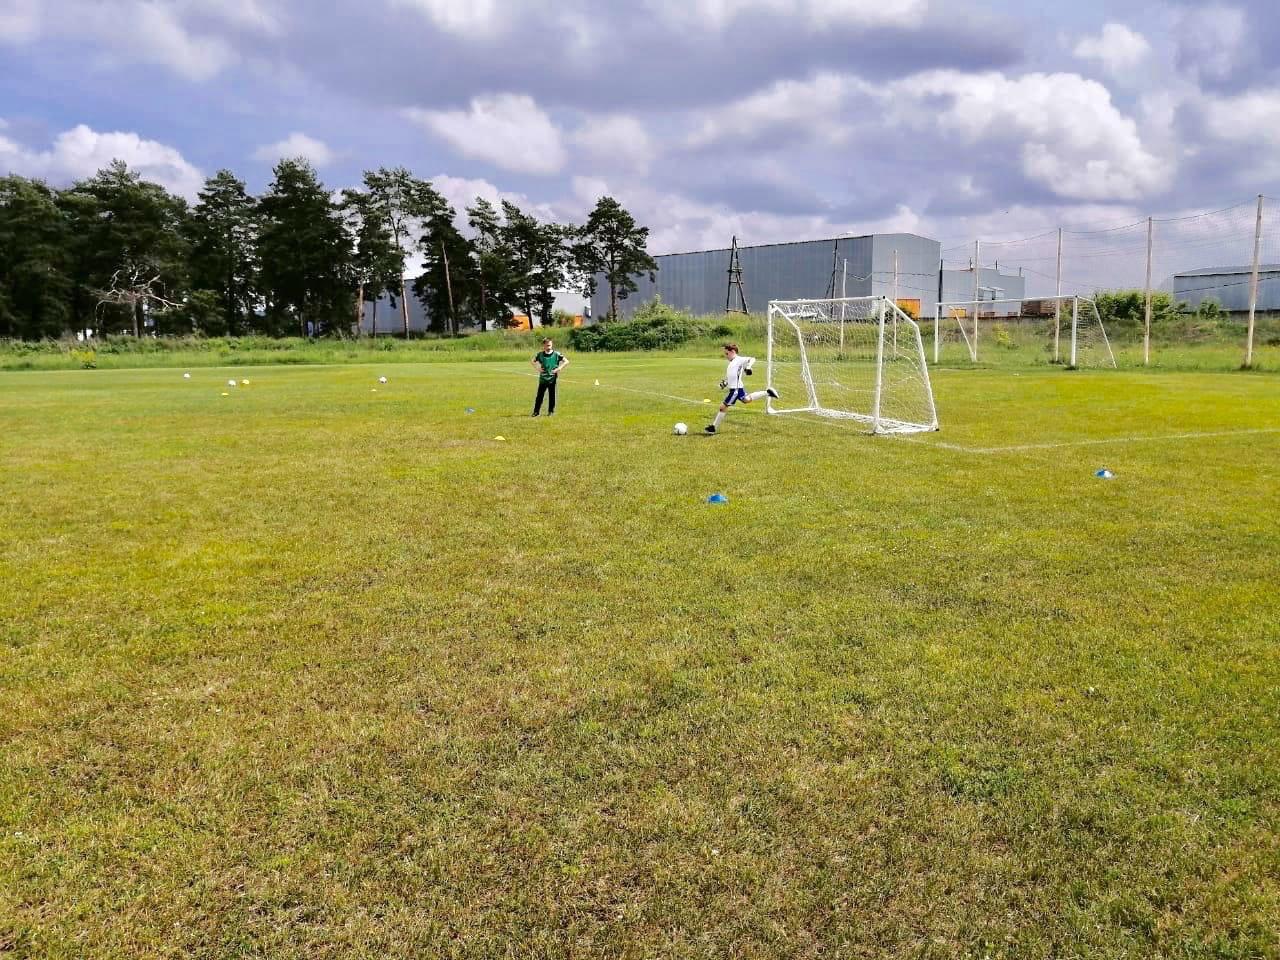 КОЛОМНАСПОРТ - Спорт в Коломне Озёрские футболисты приняли участие в турнире, посвященном Дню России